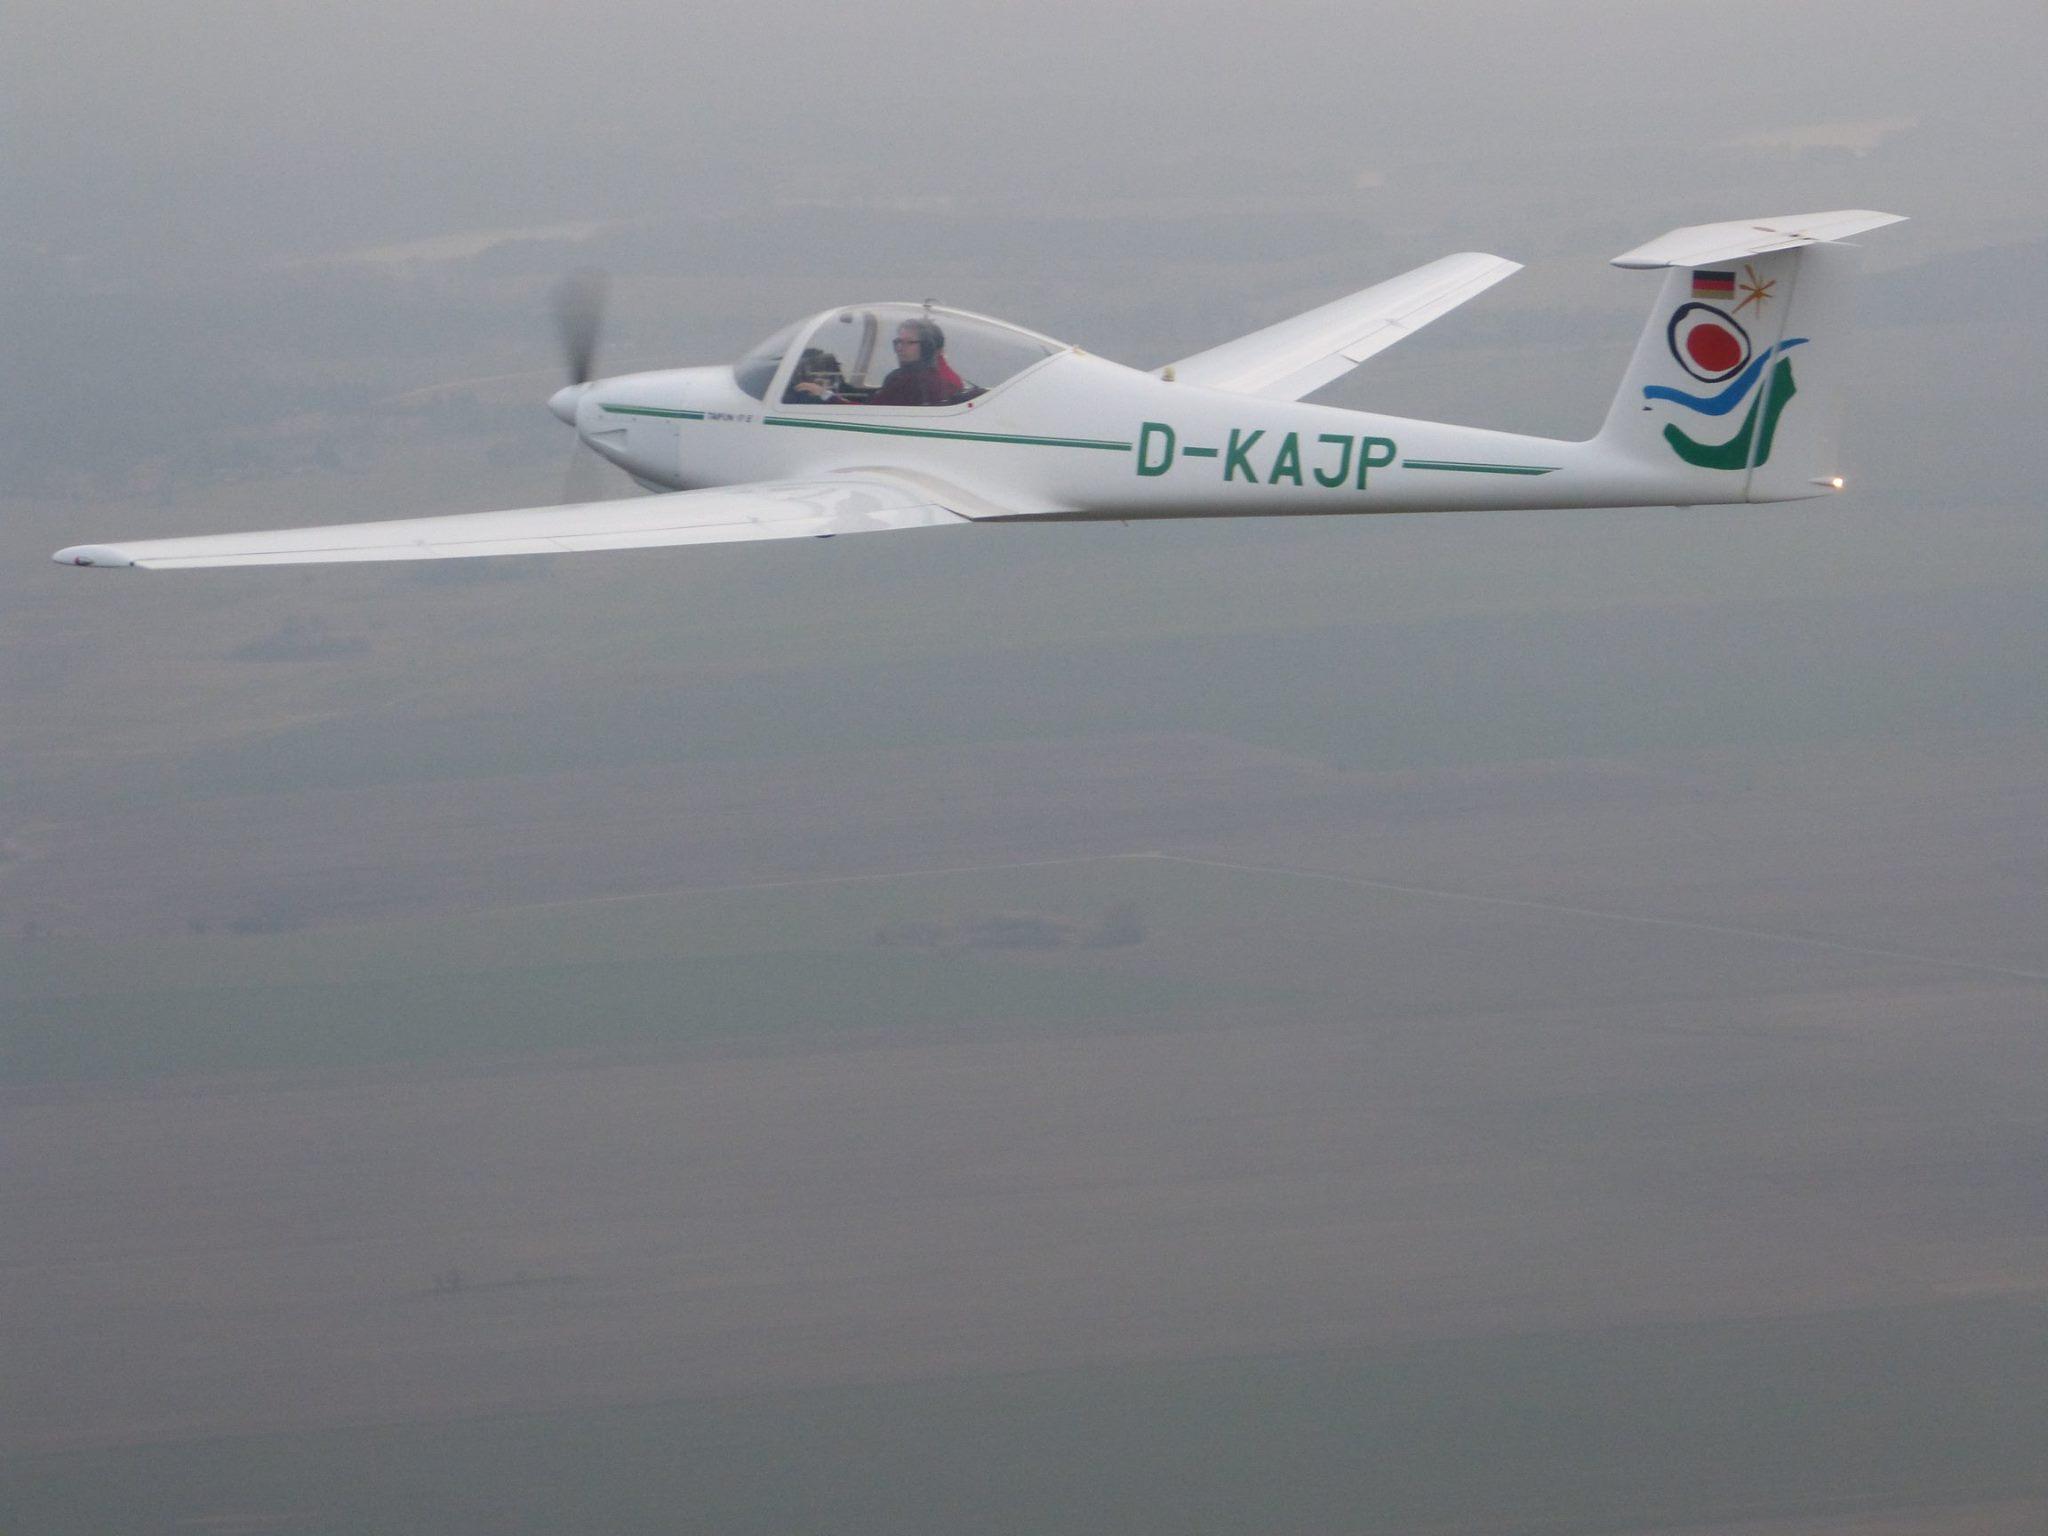 D-KAJP erster Flug im Verein